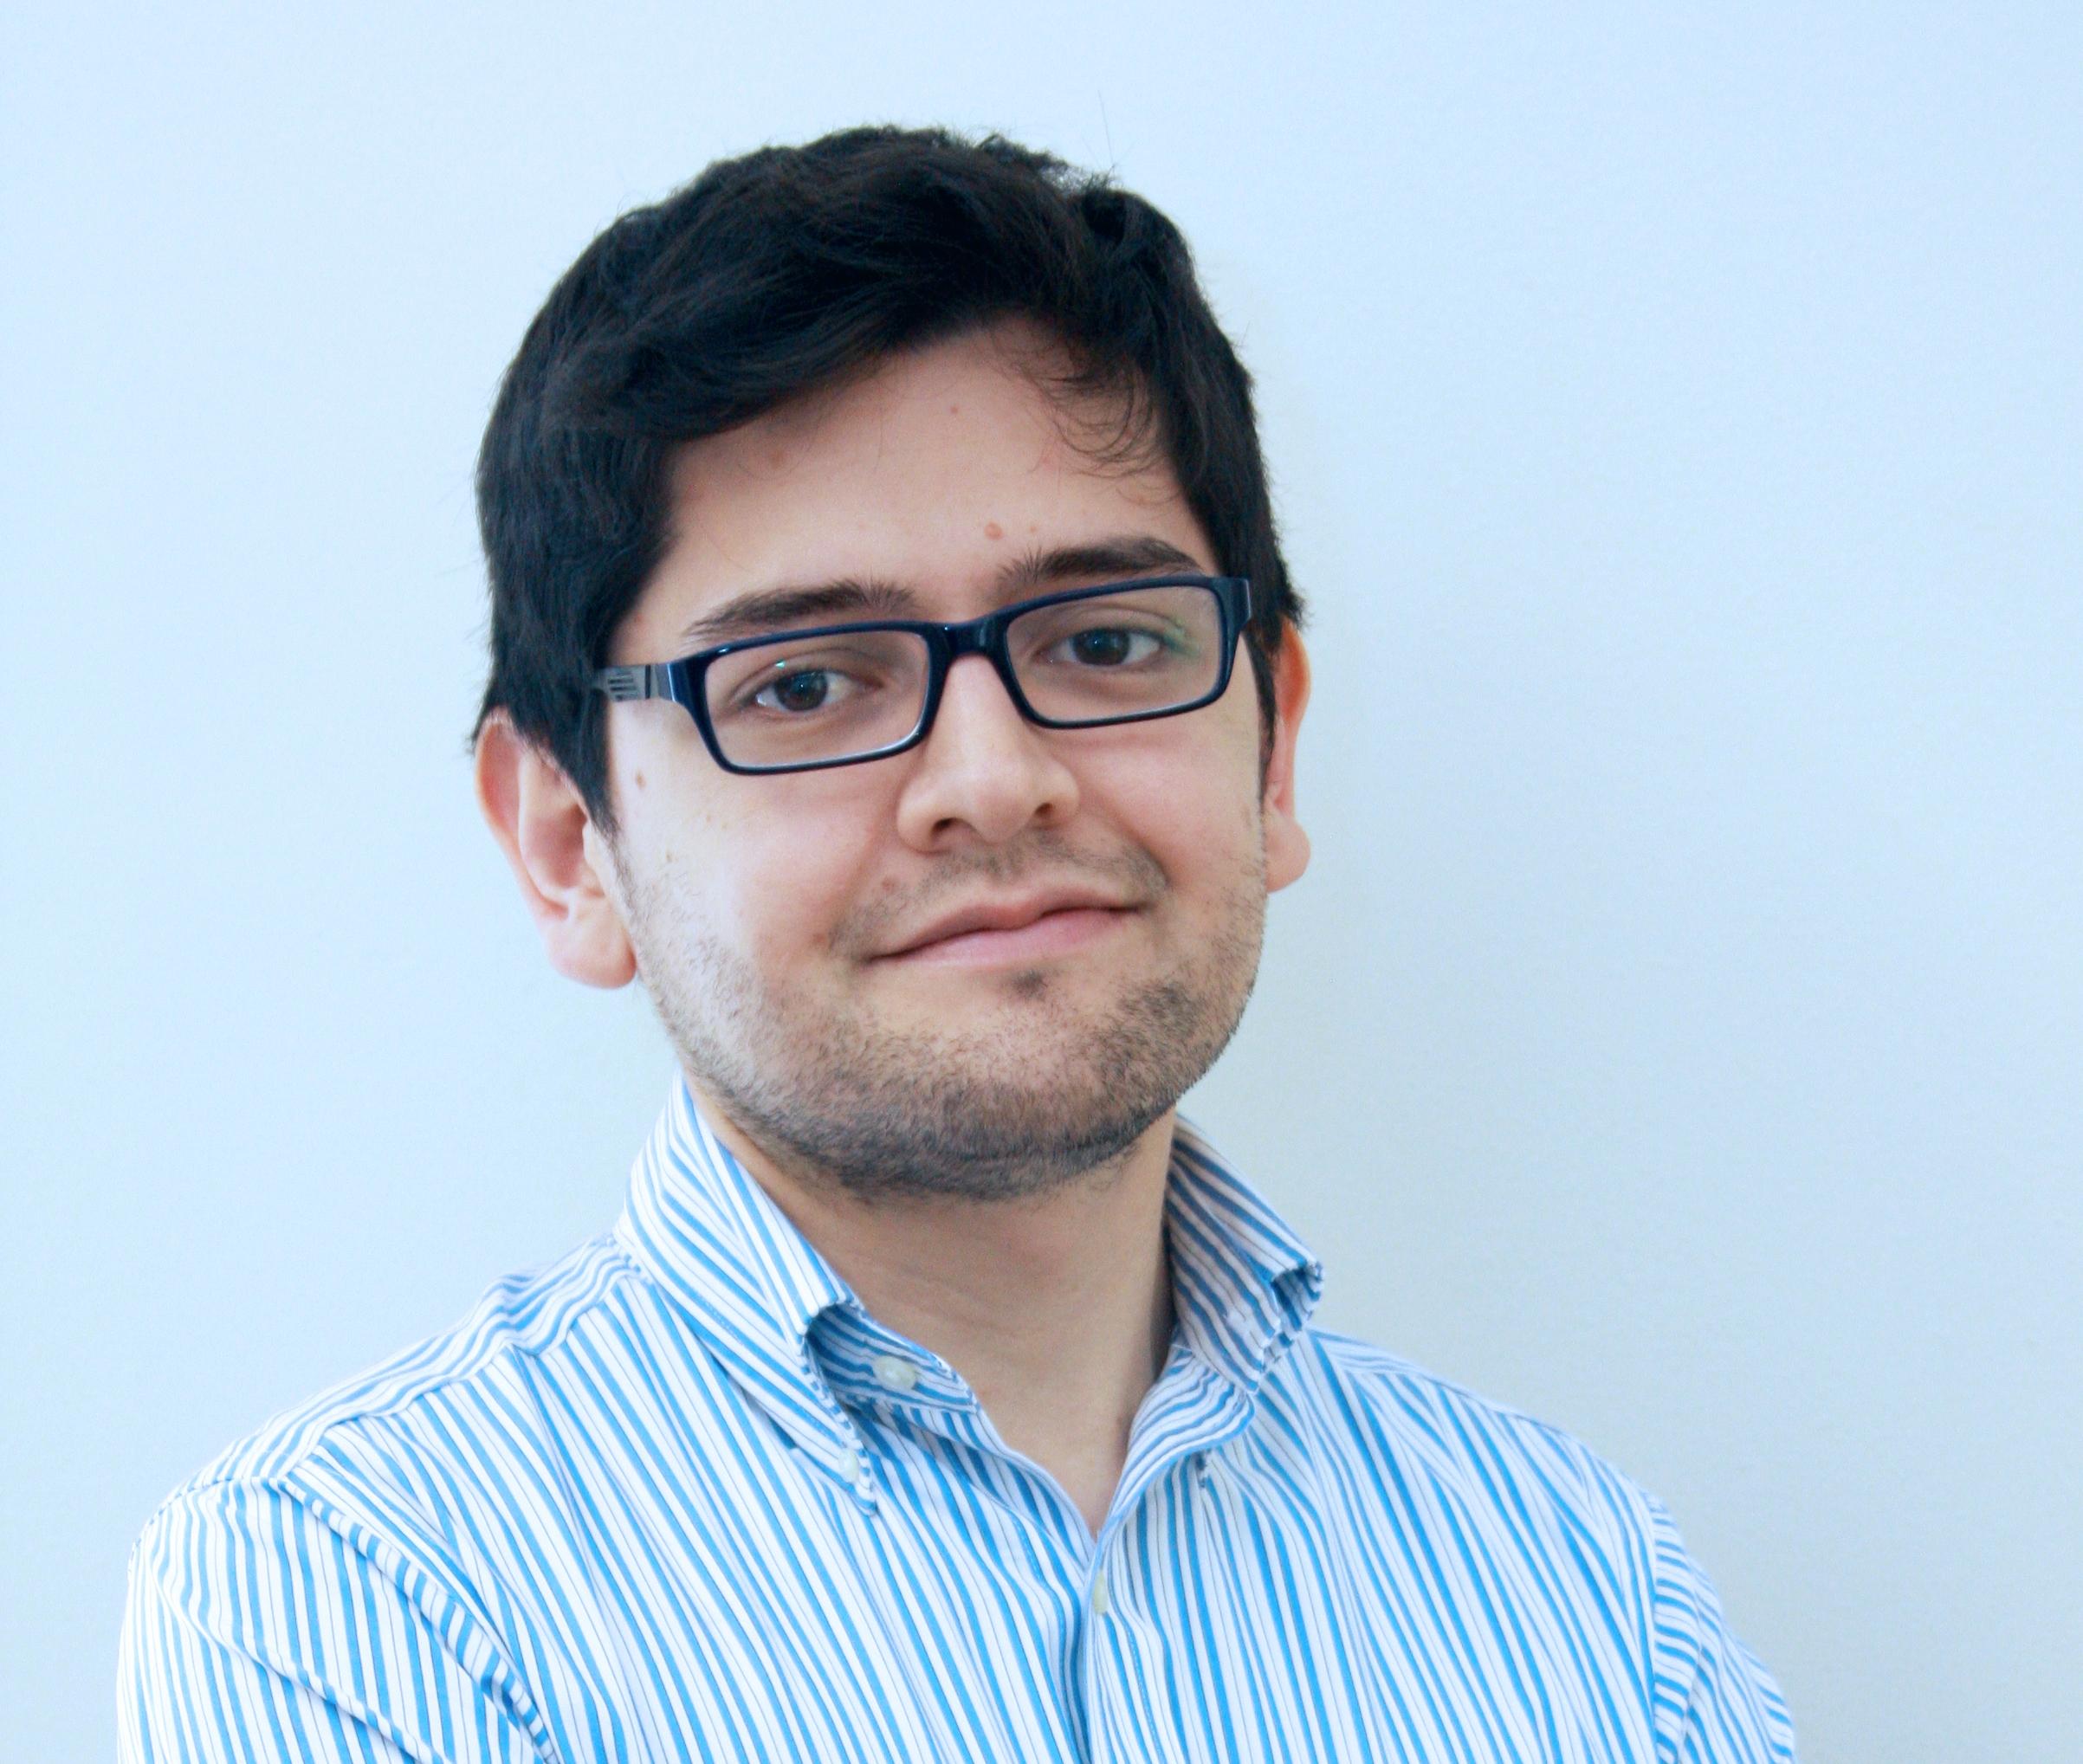 El Coordinador del Programa Sociedad y Política de LyD, Jorge Ramírez, explica que en primer lugar, al mantenerse intacta la propuesta de redistritaje del ... - JORGE-RAMIREZ-2014